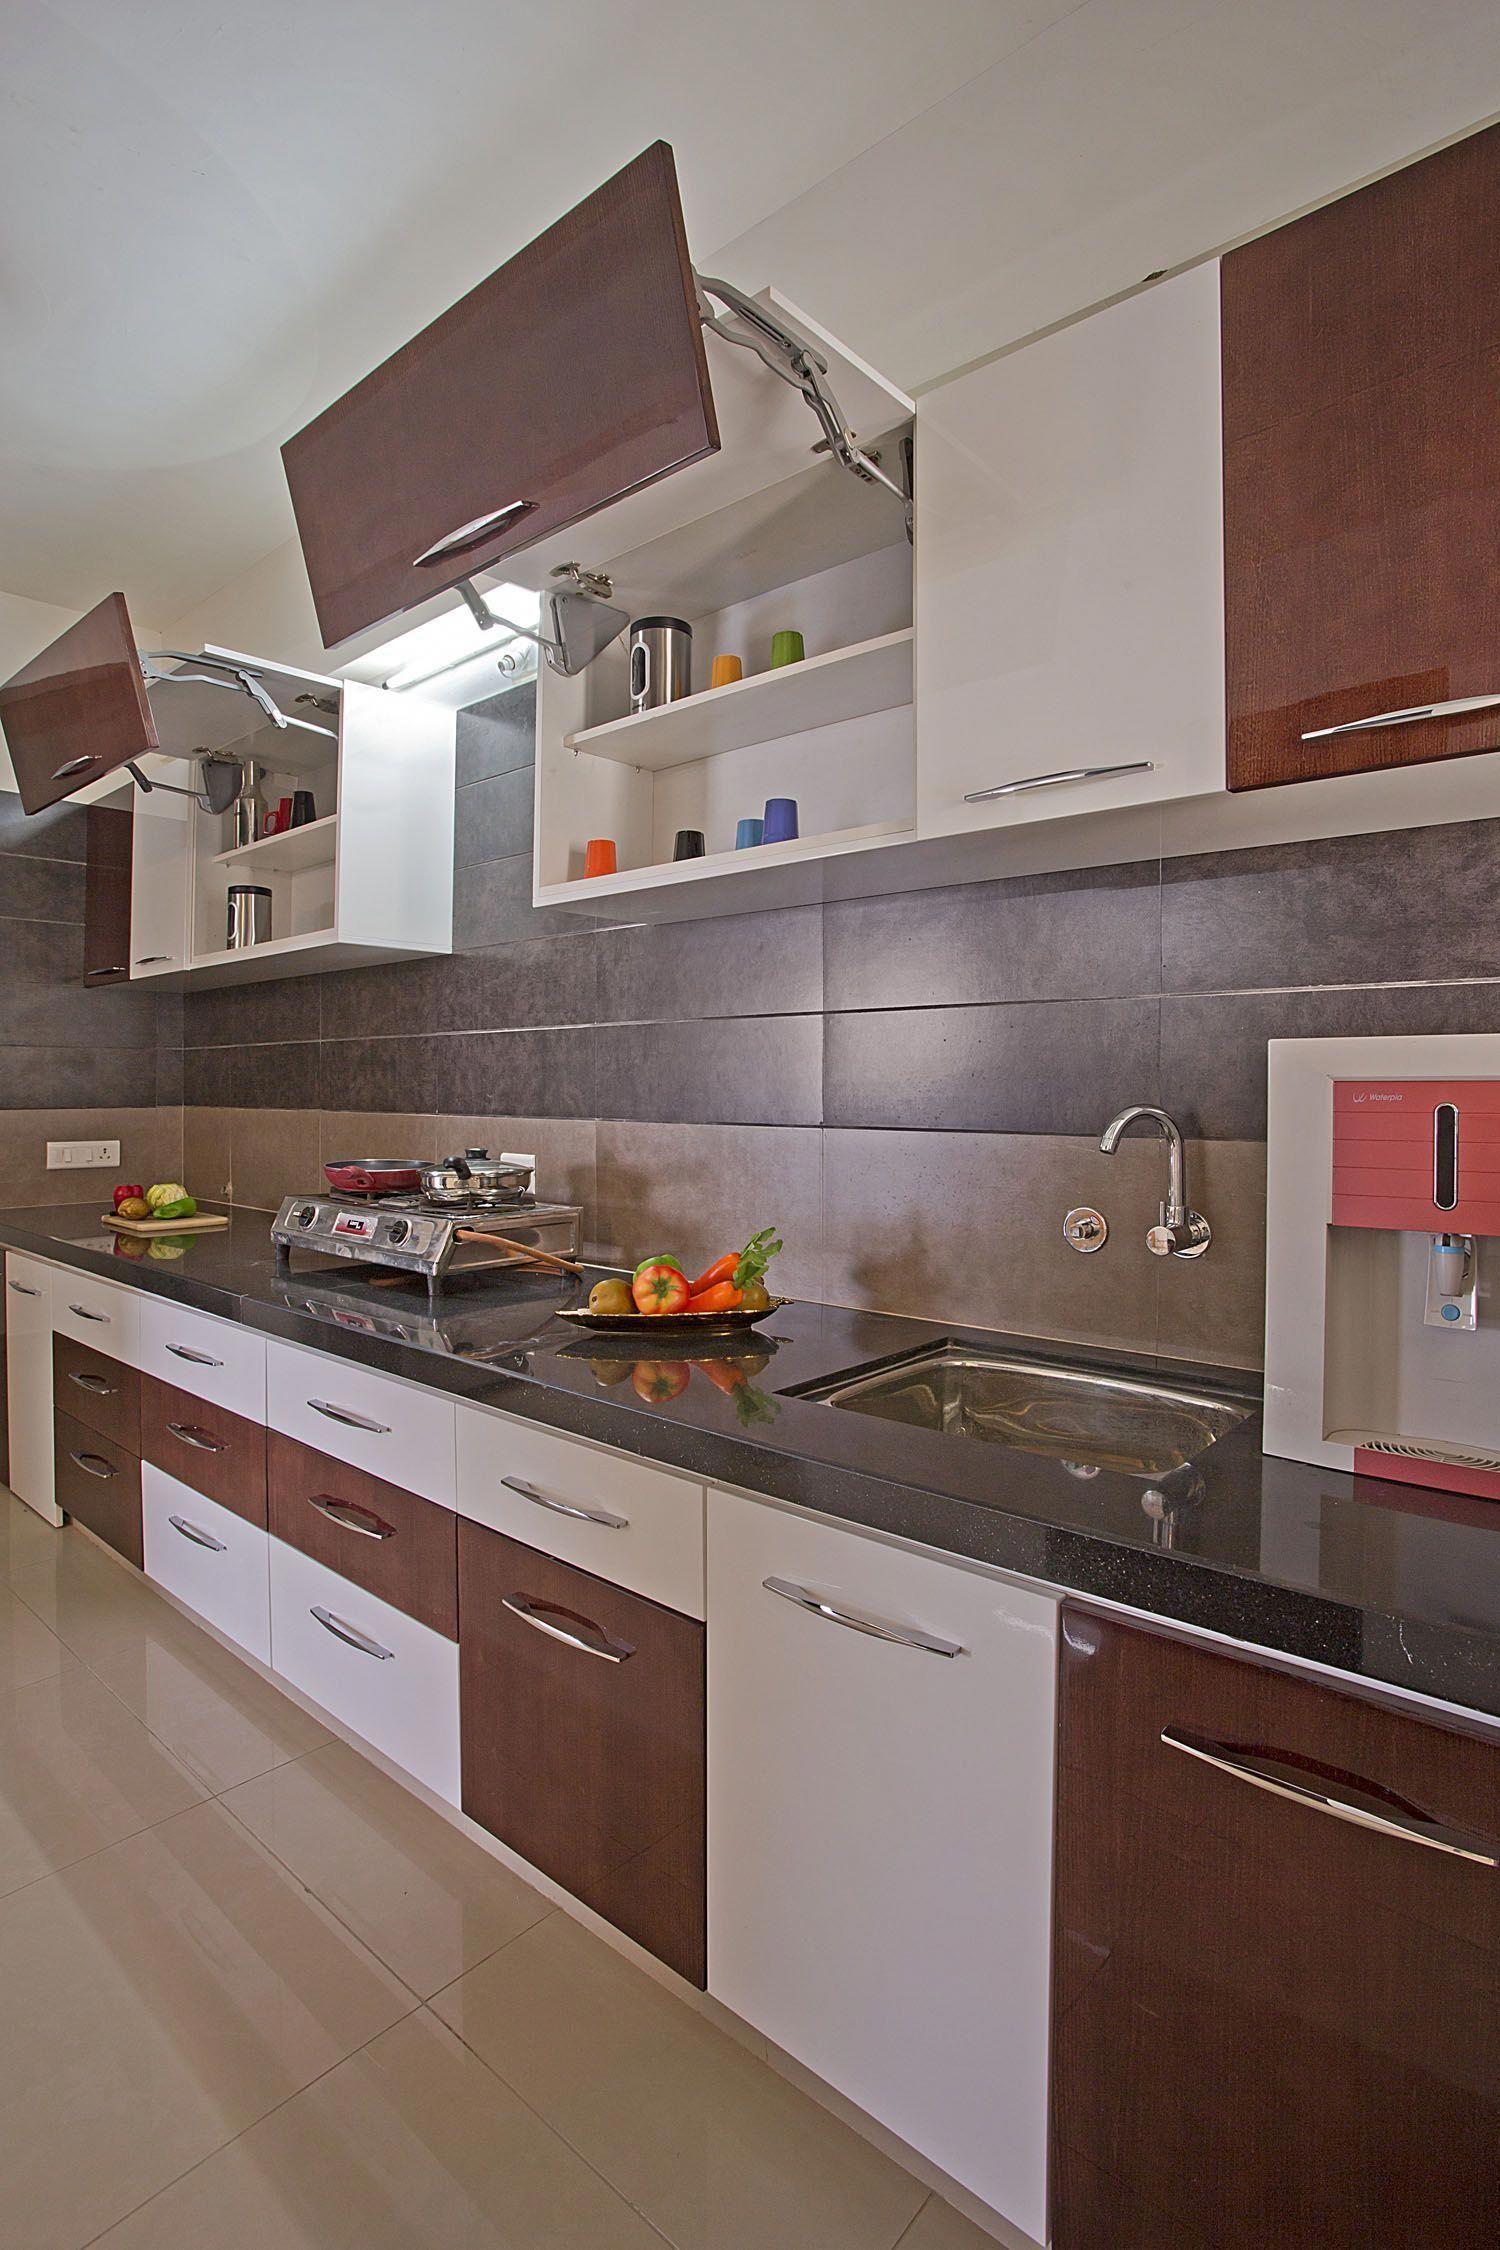 Cozinhapequena also best modular kitchen images in rh pinterest